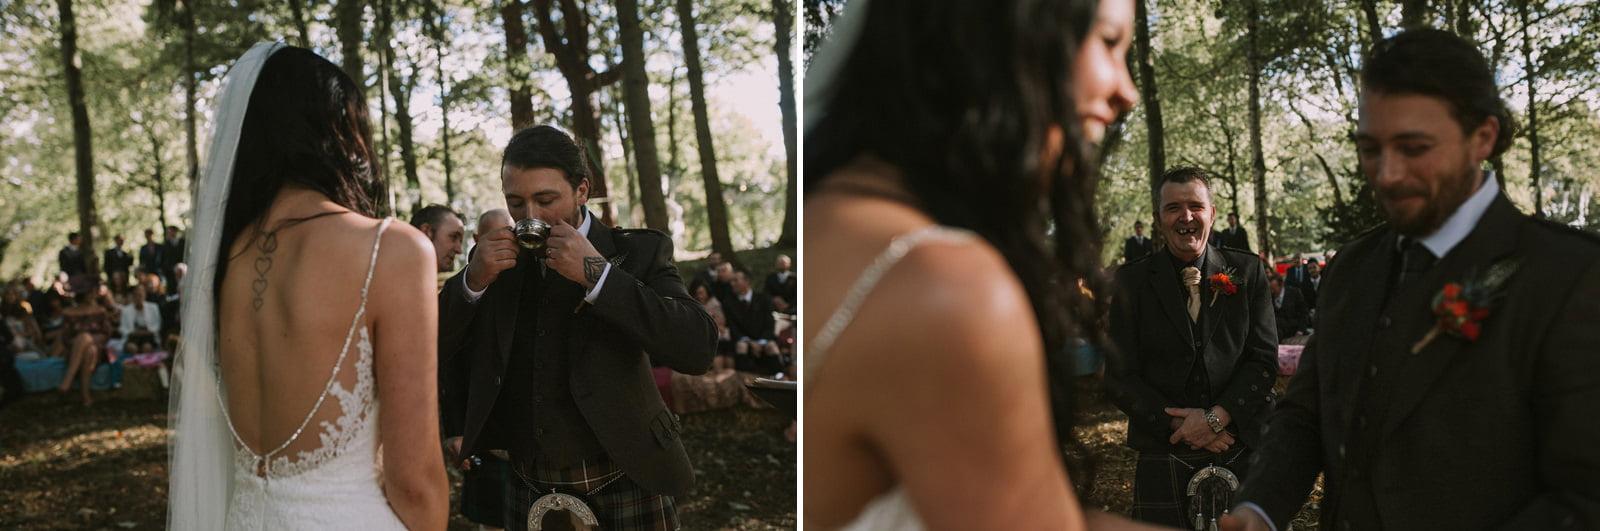 quaich ceremony scotland